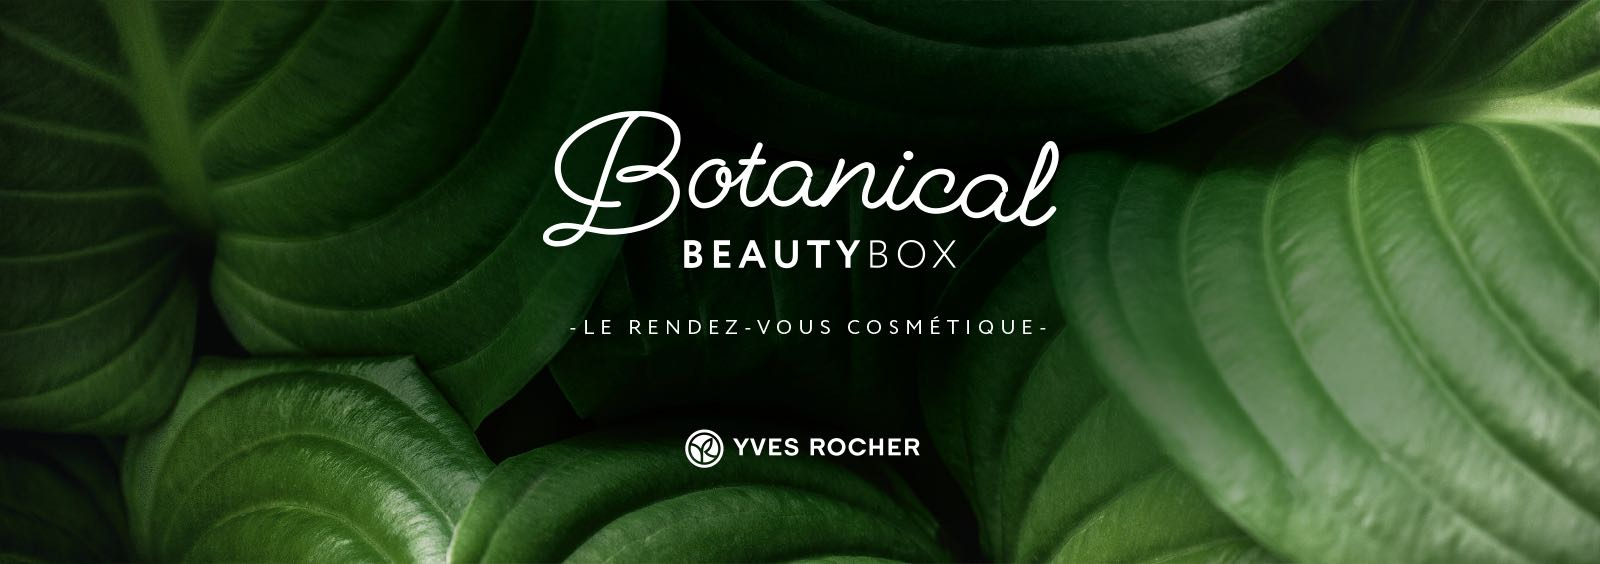 Notchup Rocher Yves Beautybox Botanical Agence SzVMpUq